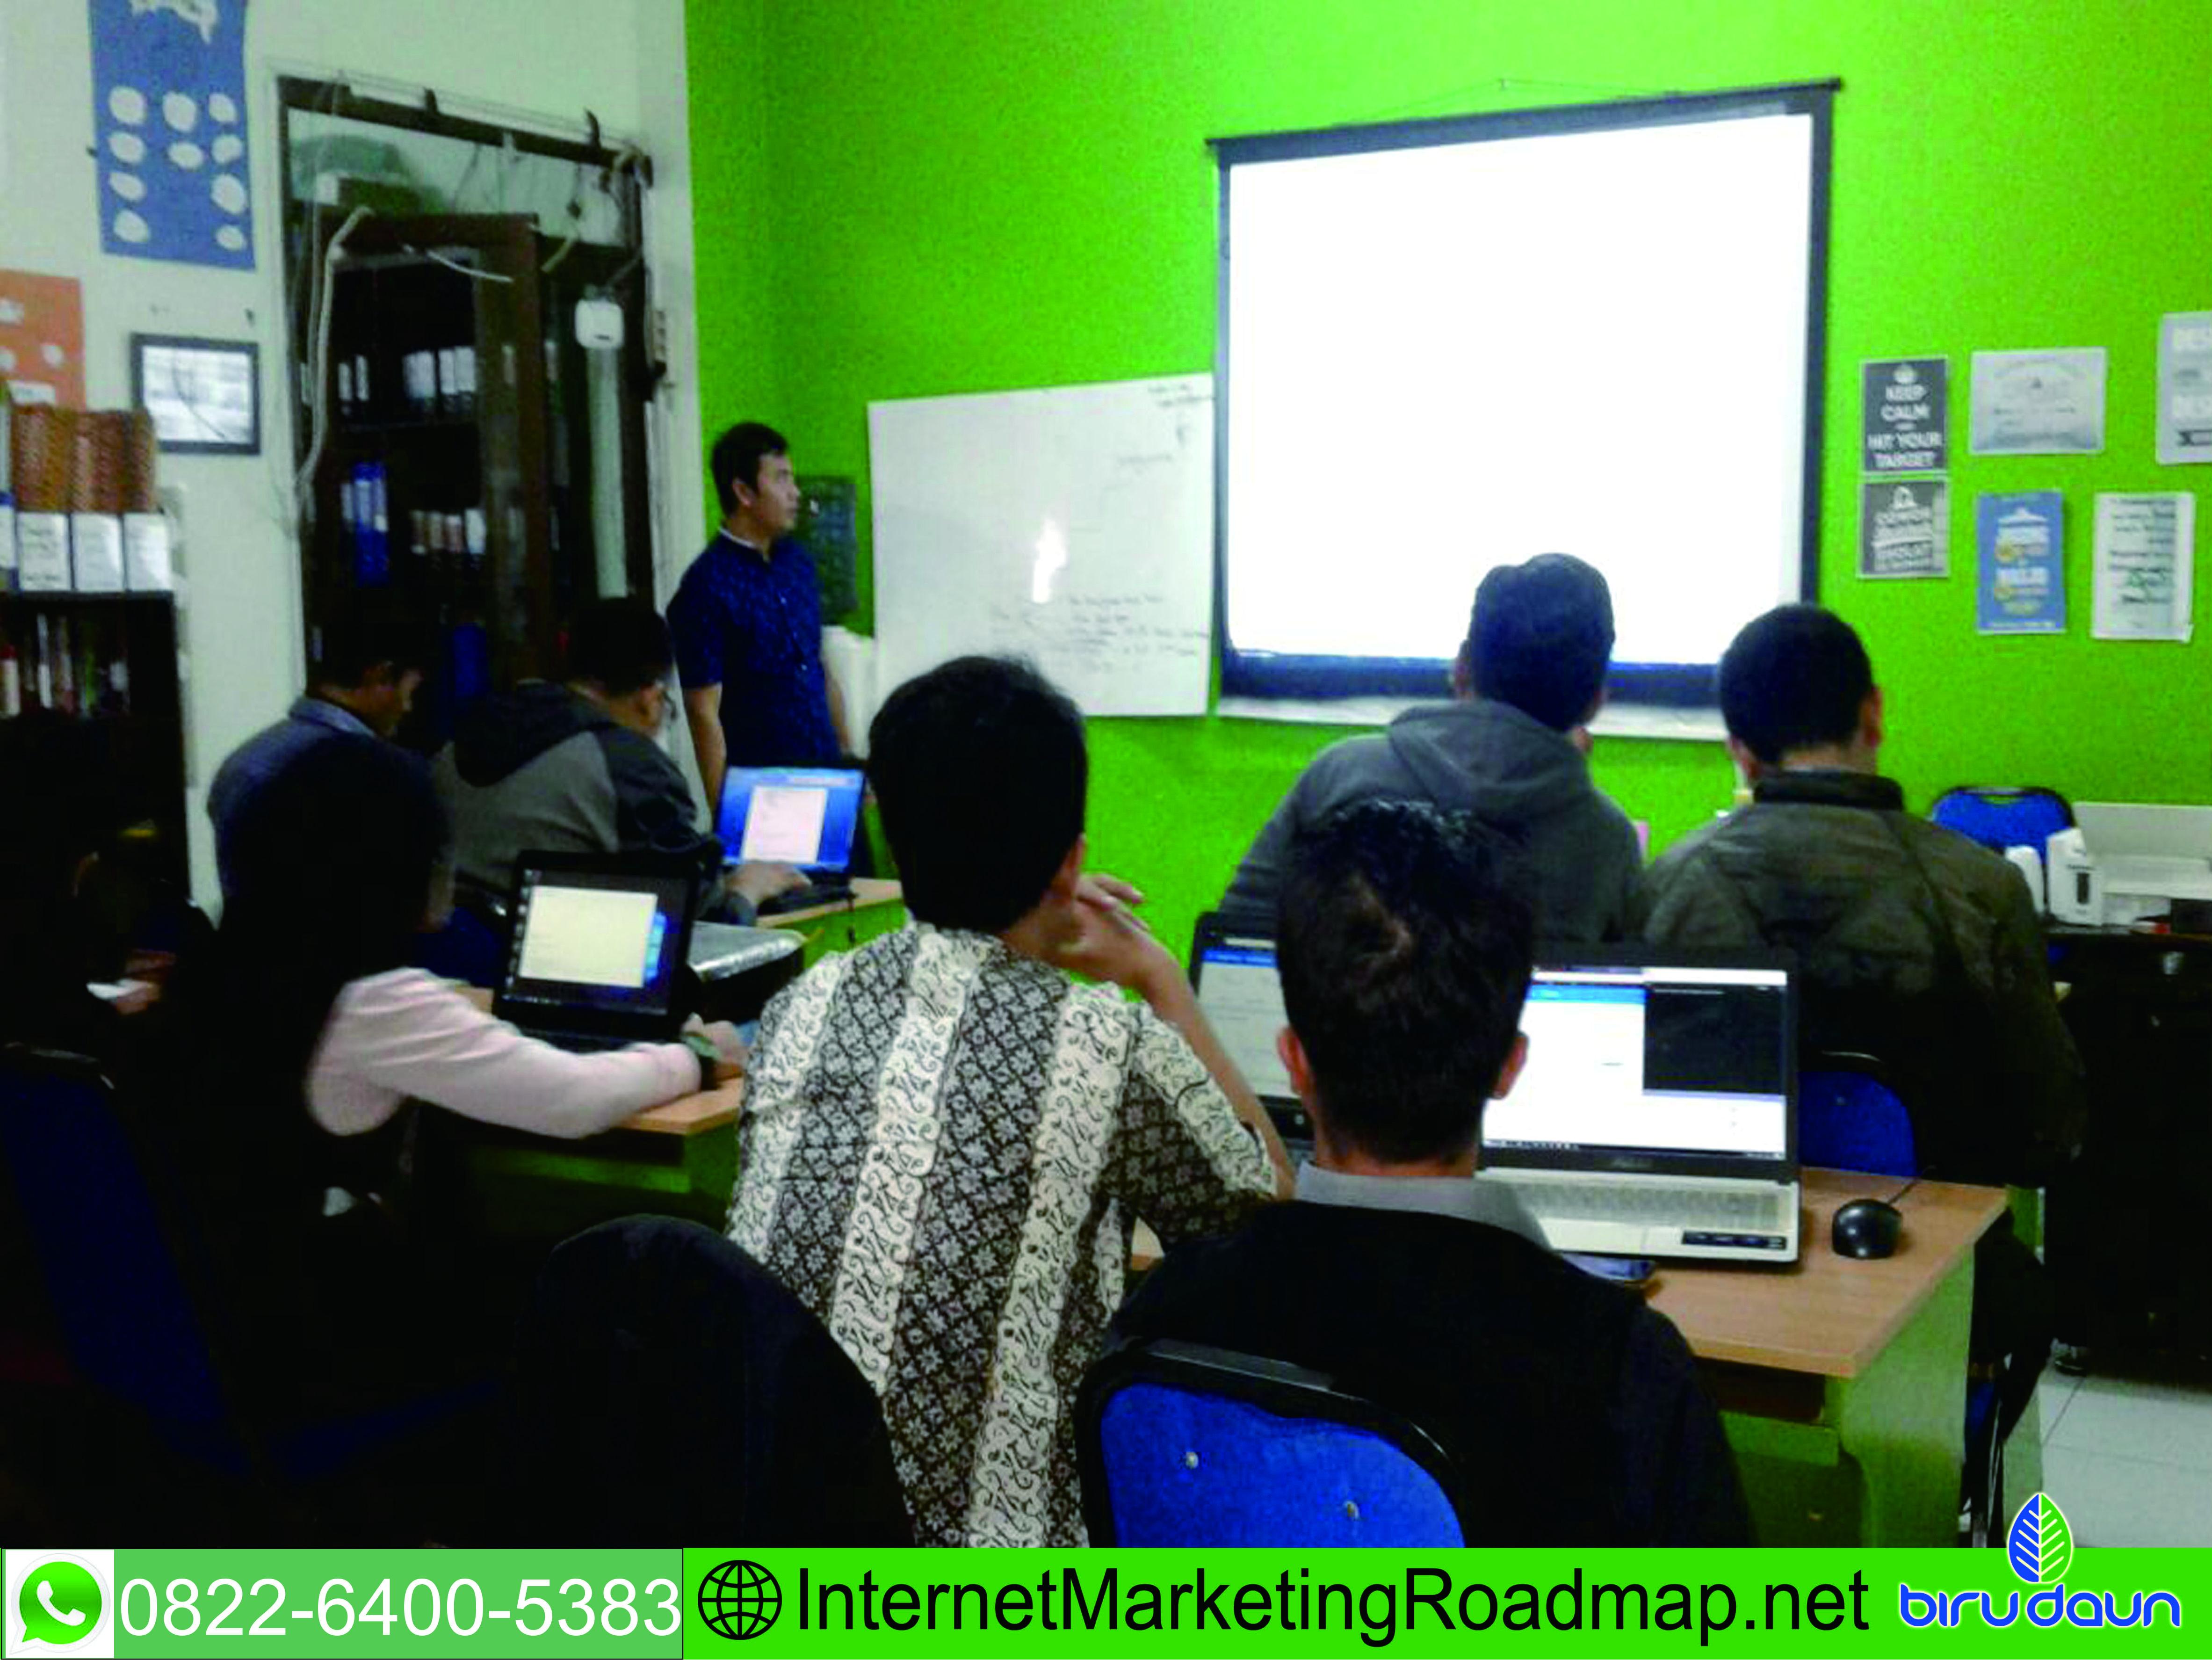 0822 6400 5383 Pembicara Seminar Kewirausahaan Di Banjarmasin Pembicara Seminar Kewirausahaan Marketing Kota Pendidikan